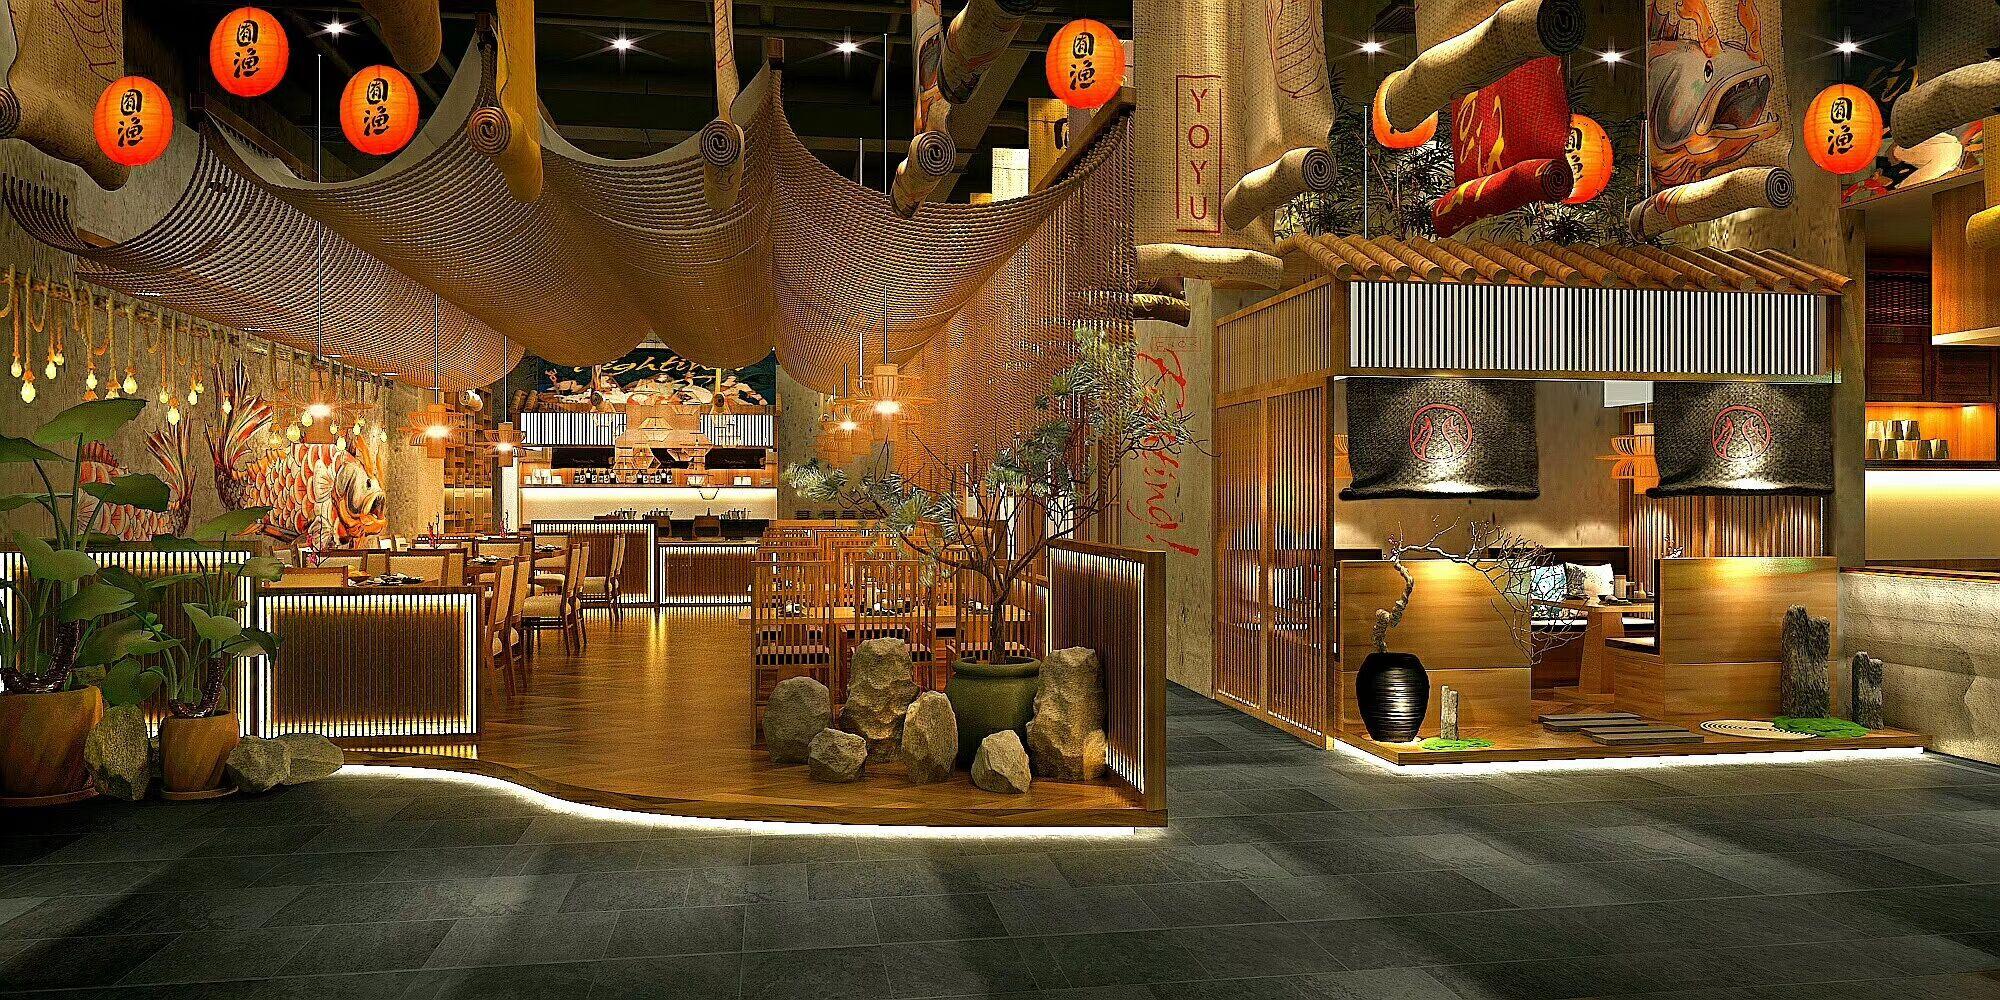 简单的农家饭店装修照明需要注意哪些要点--乐鱼体育-乐鱼体育app-乐鱼体育手机版餐饮照明灯光